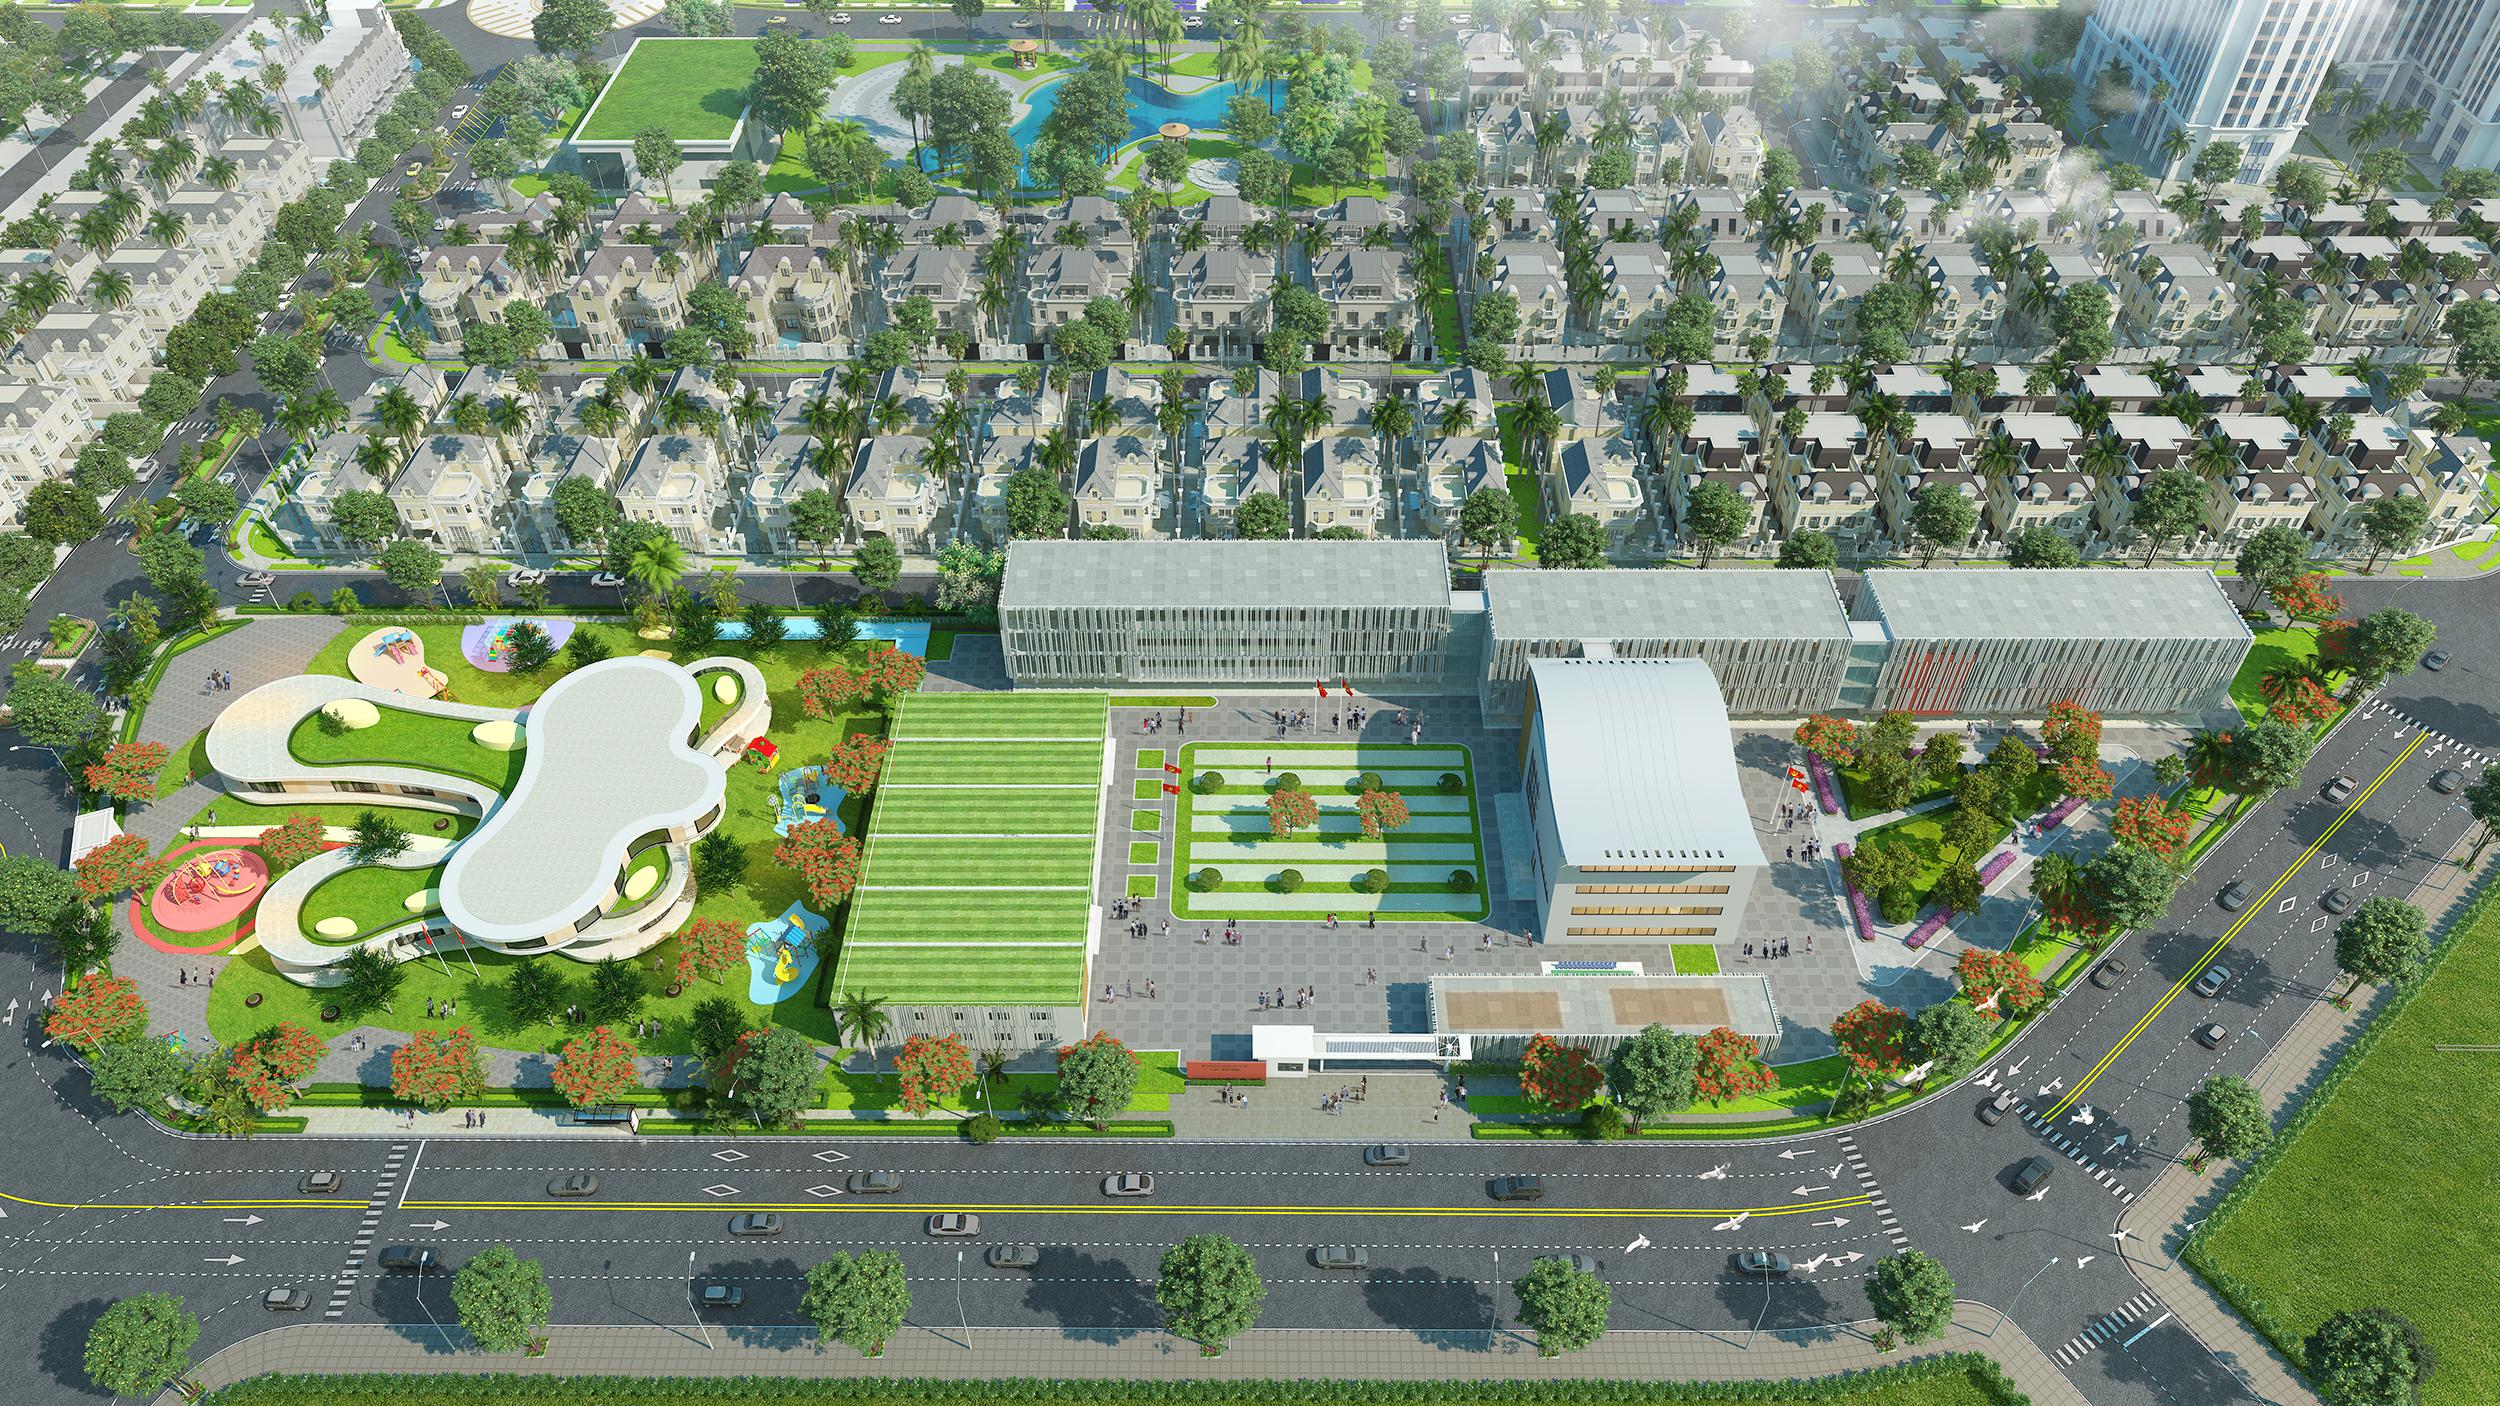 """Kiến tạo mô hình đô thị """"bán khép kín"""" đầu tiên tại phía Tây Hà Nội, Anlac Group tiếp tục khẳng định vị thế trên thị trường bất động sản - Ảnh 8."""